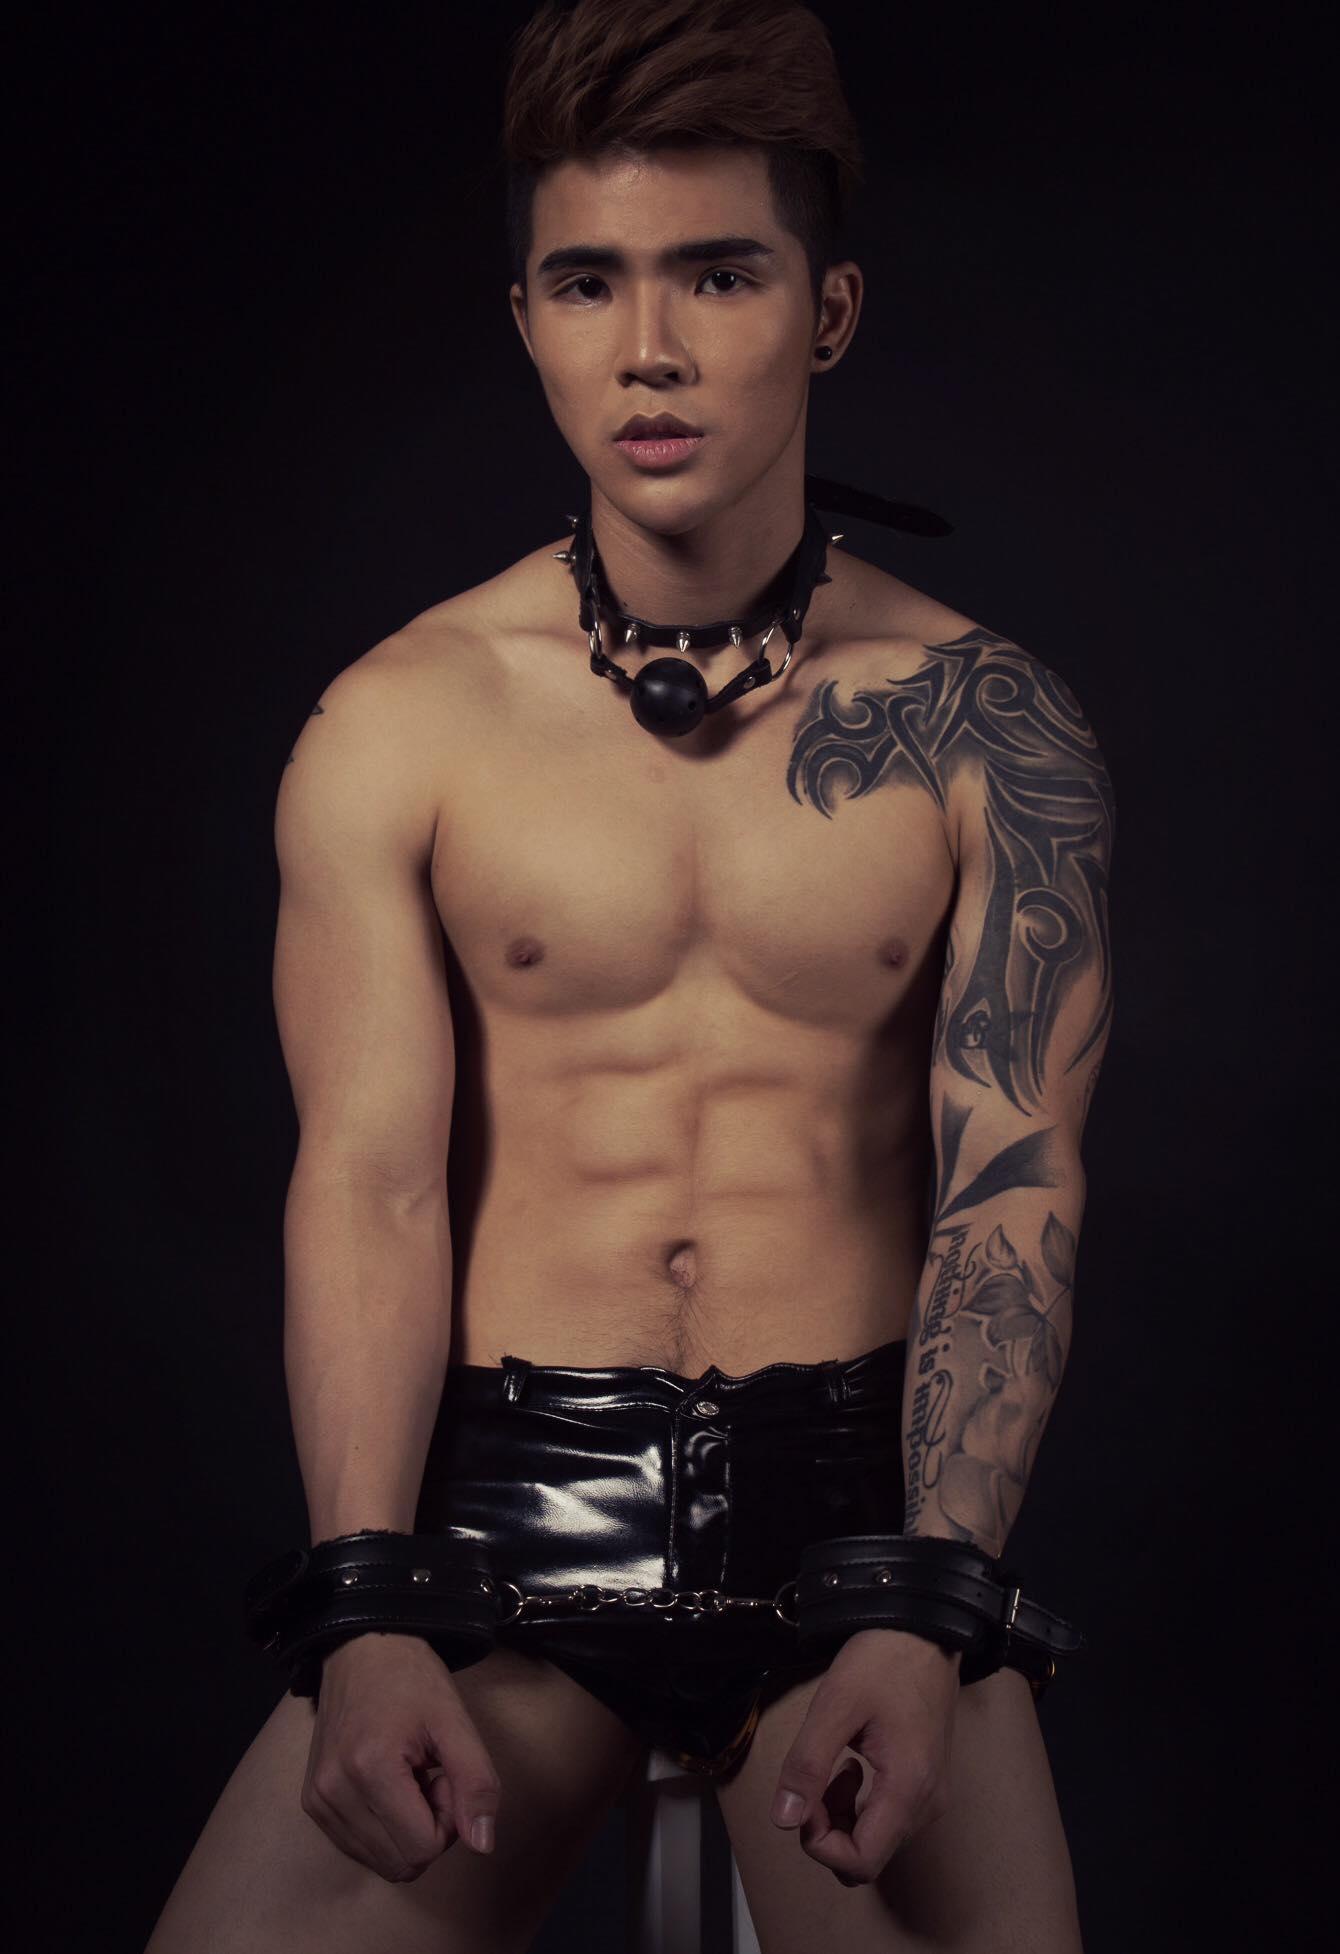 Tony Tân nude táo bạo ủng hộ người đồng tính